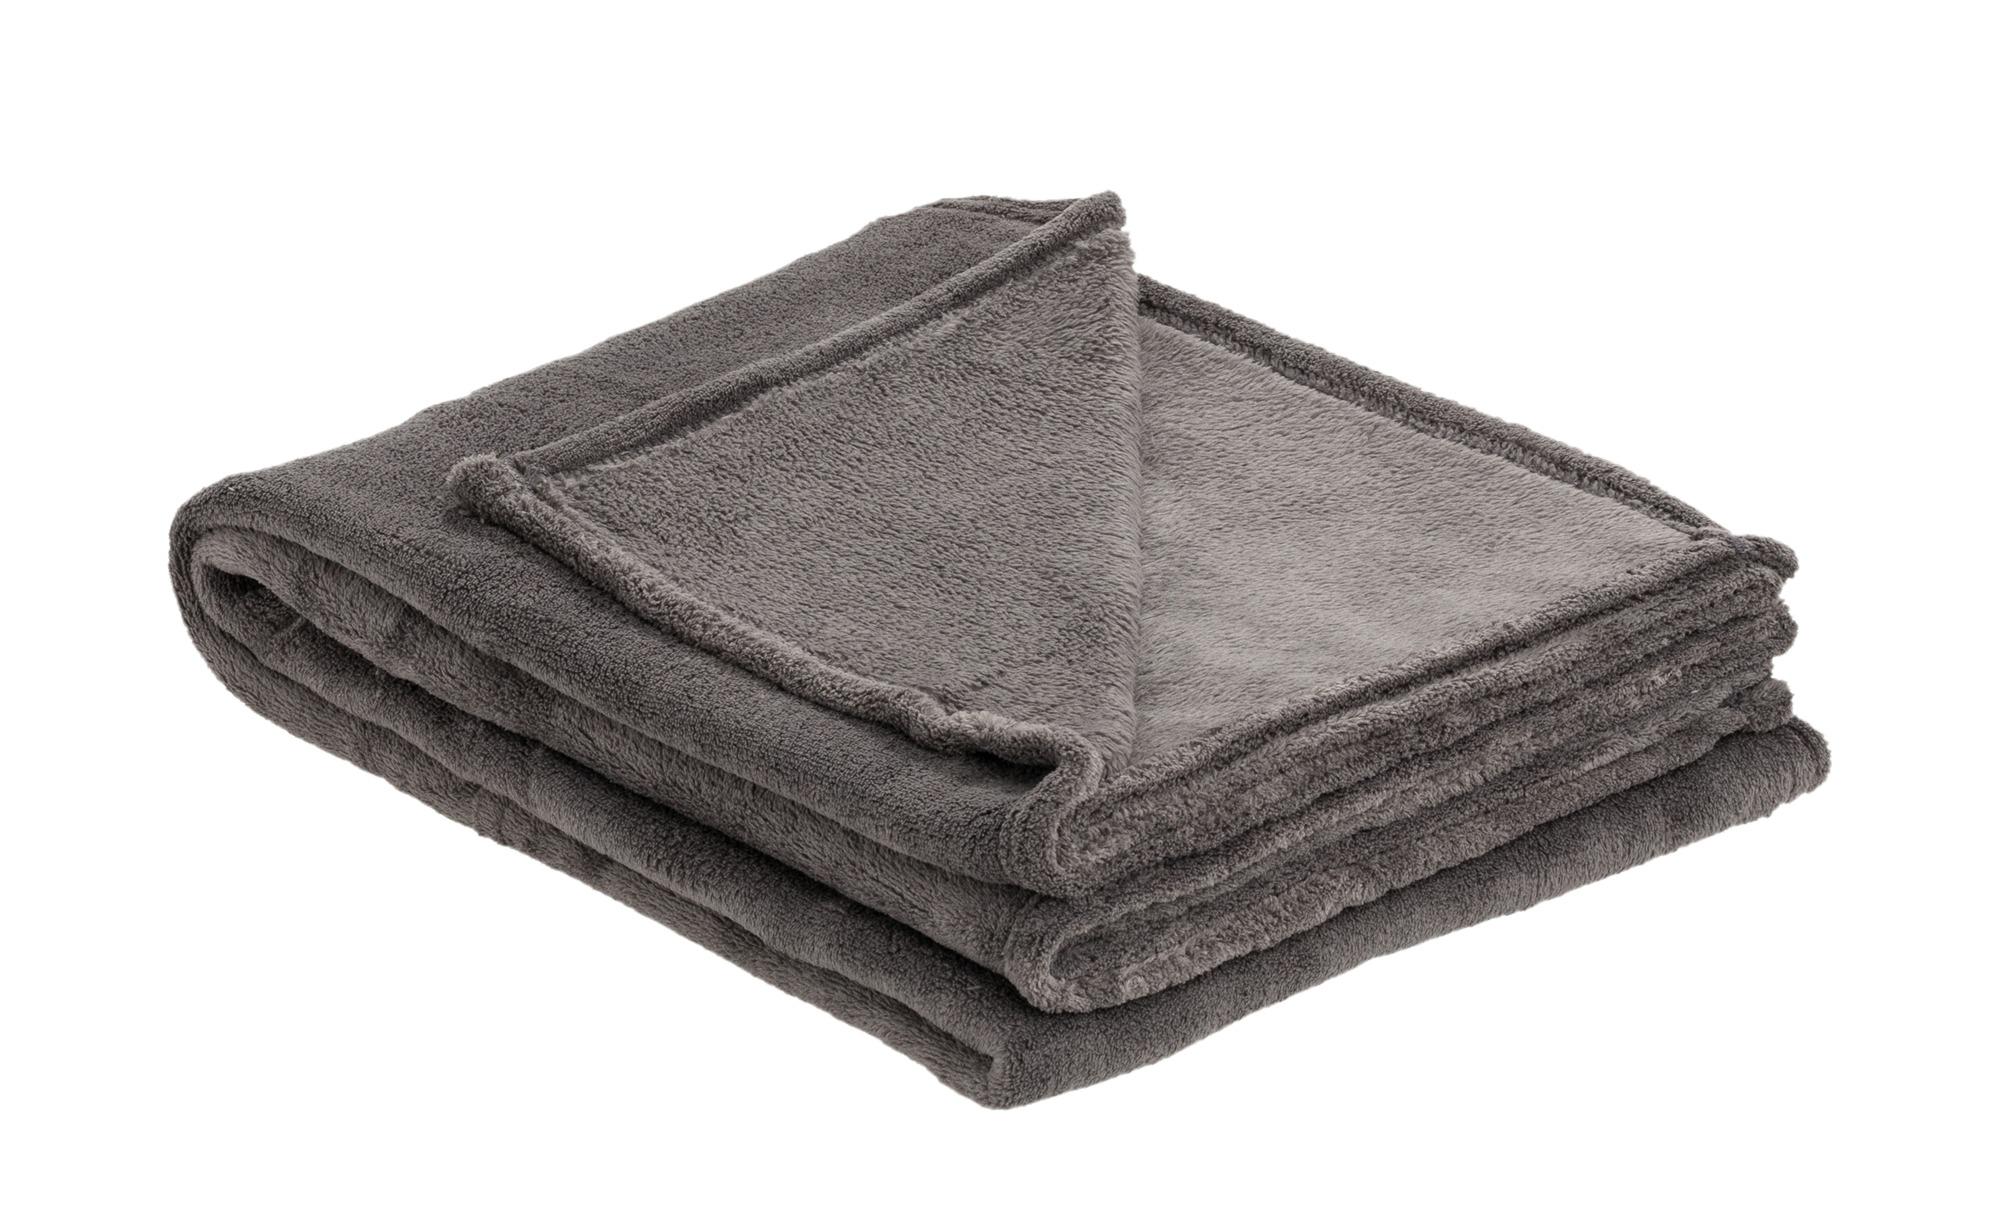 HOME STORY Coralfleecedecke  Emely - grau - Polyester, 100% Polyester - 130 cm - Heimtextilien > Kuscheldecken - Möbel Kraft | Heimtextilien > Decken und Kissen > Mehr-Decken | HOME STORY